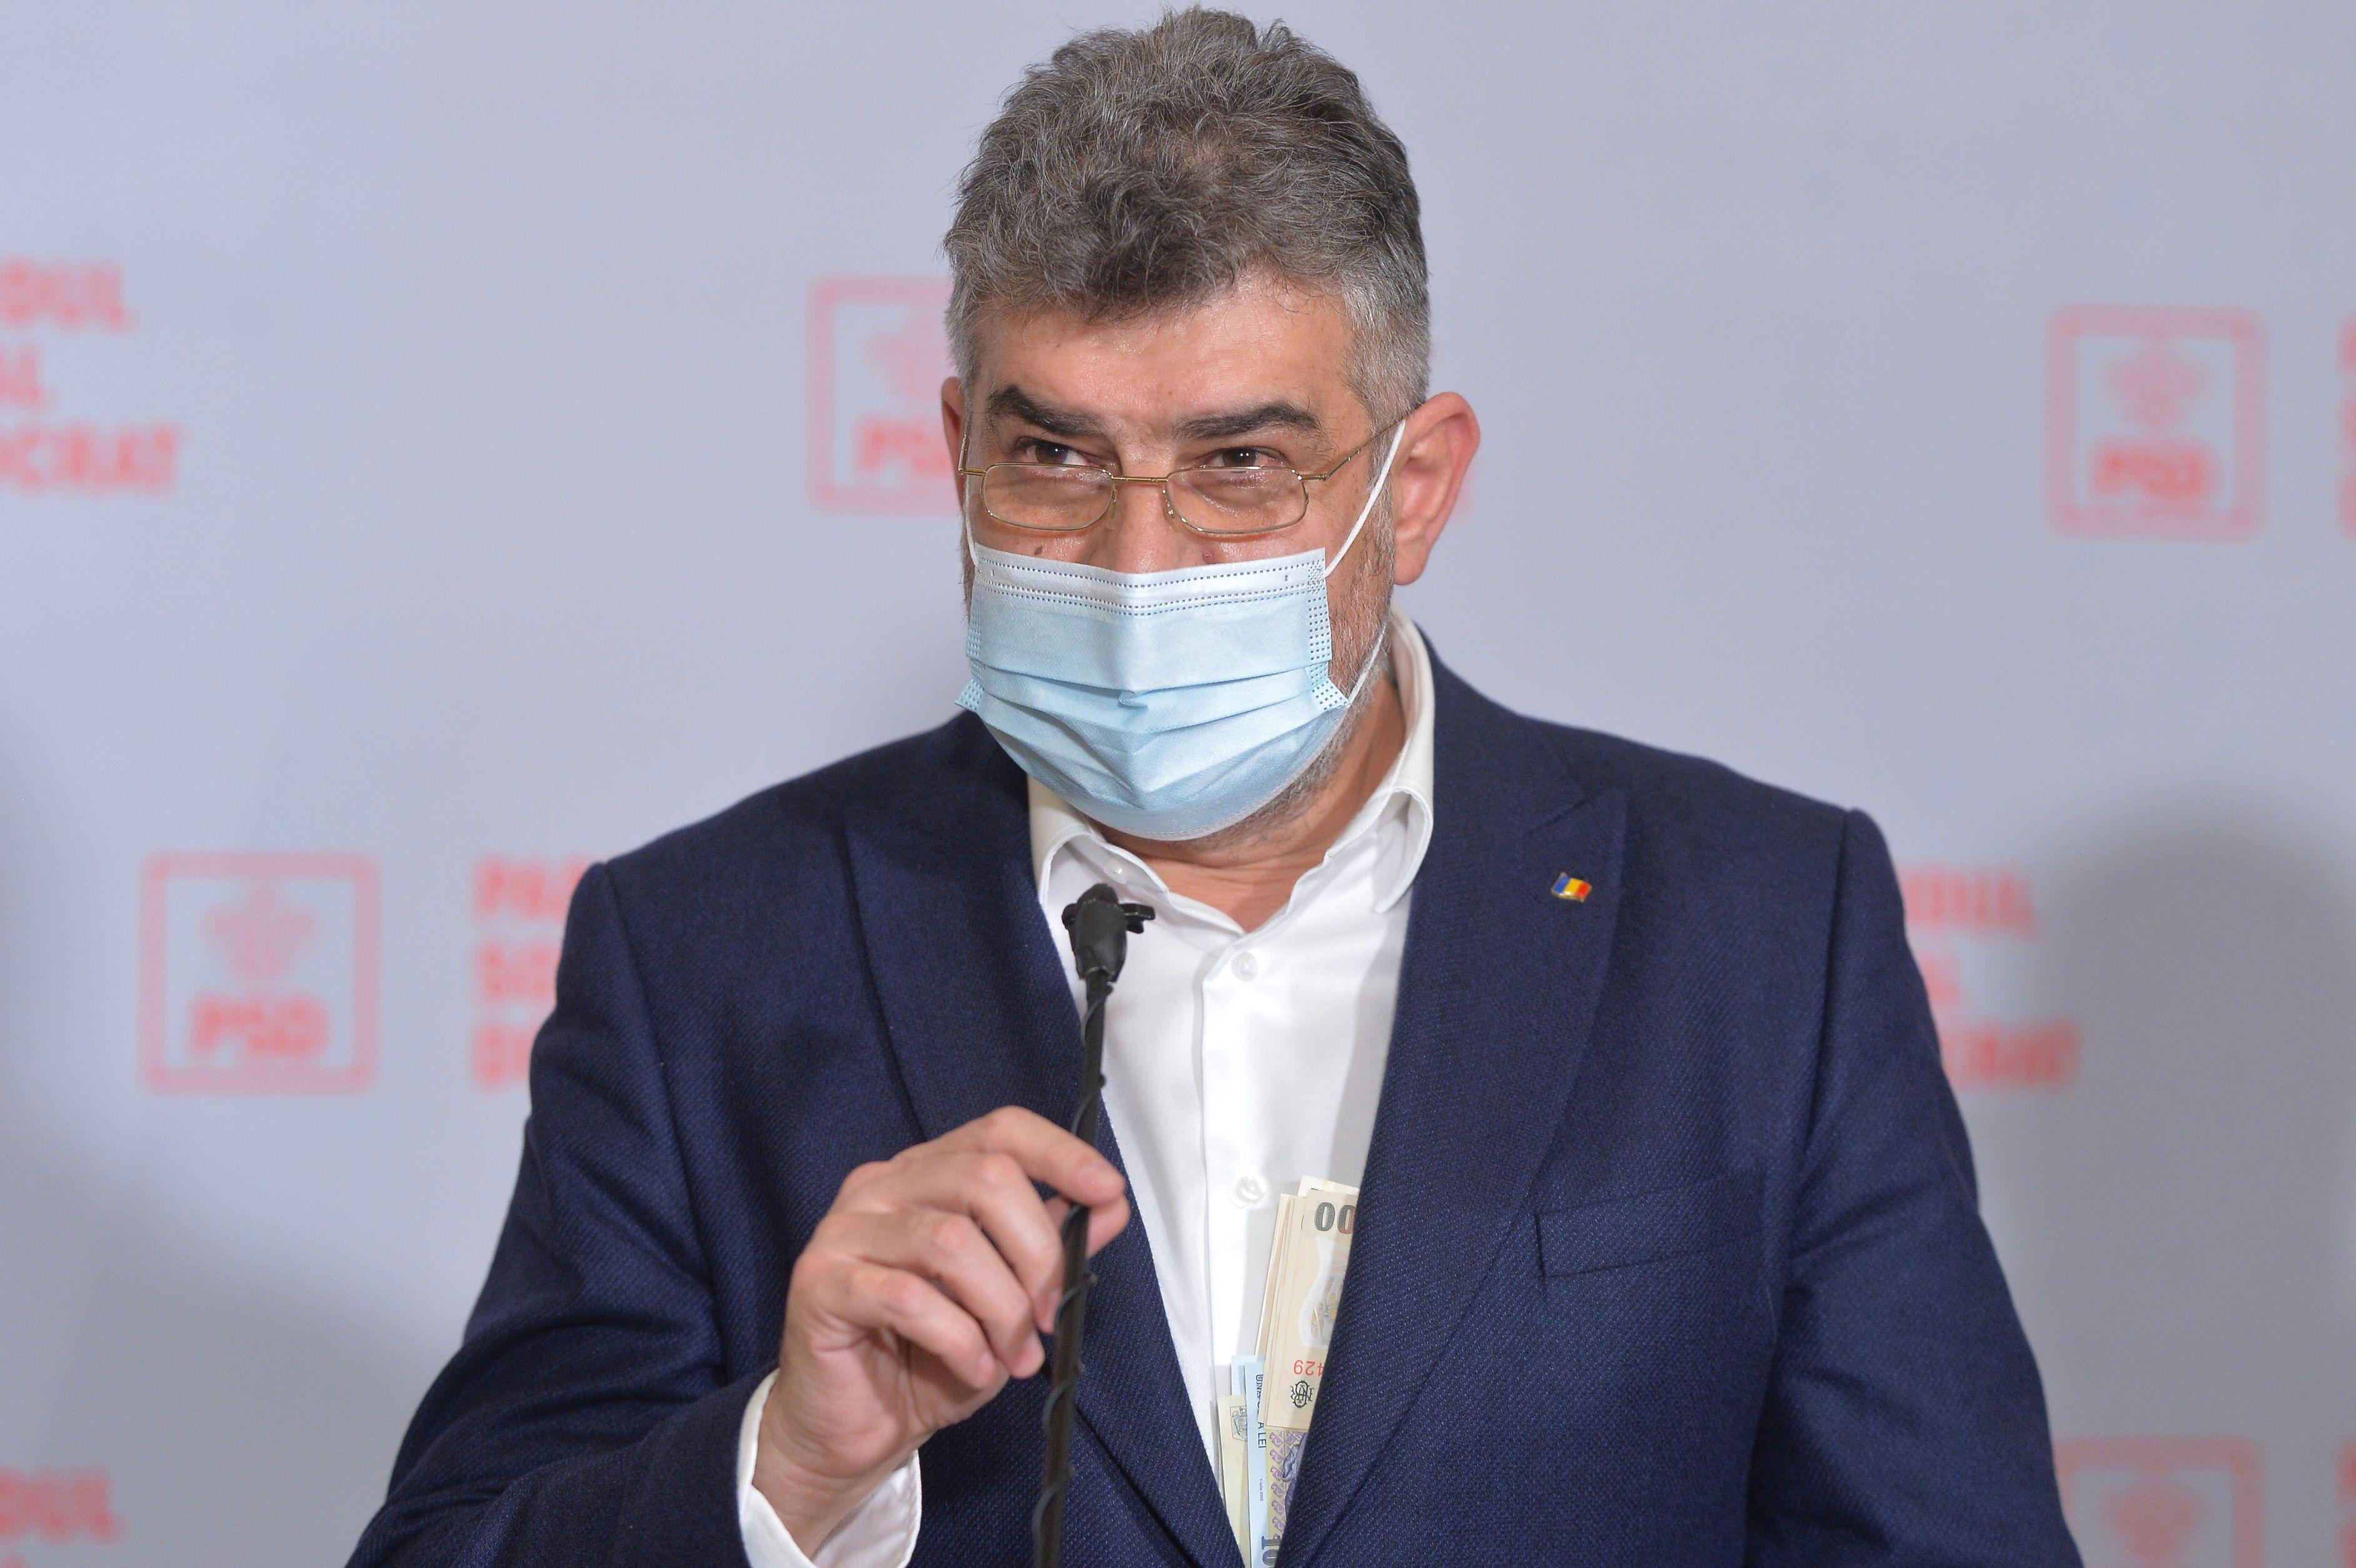 Marcel Ciolacu îi răspunde lui Cristian Ghinea: Ce demisii ceri tu?! N-ai plecat? Încă mai ești în Guvernul României?!